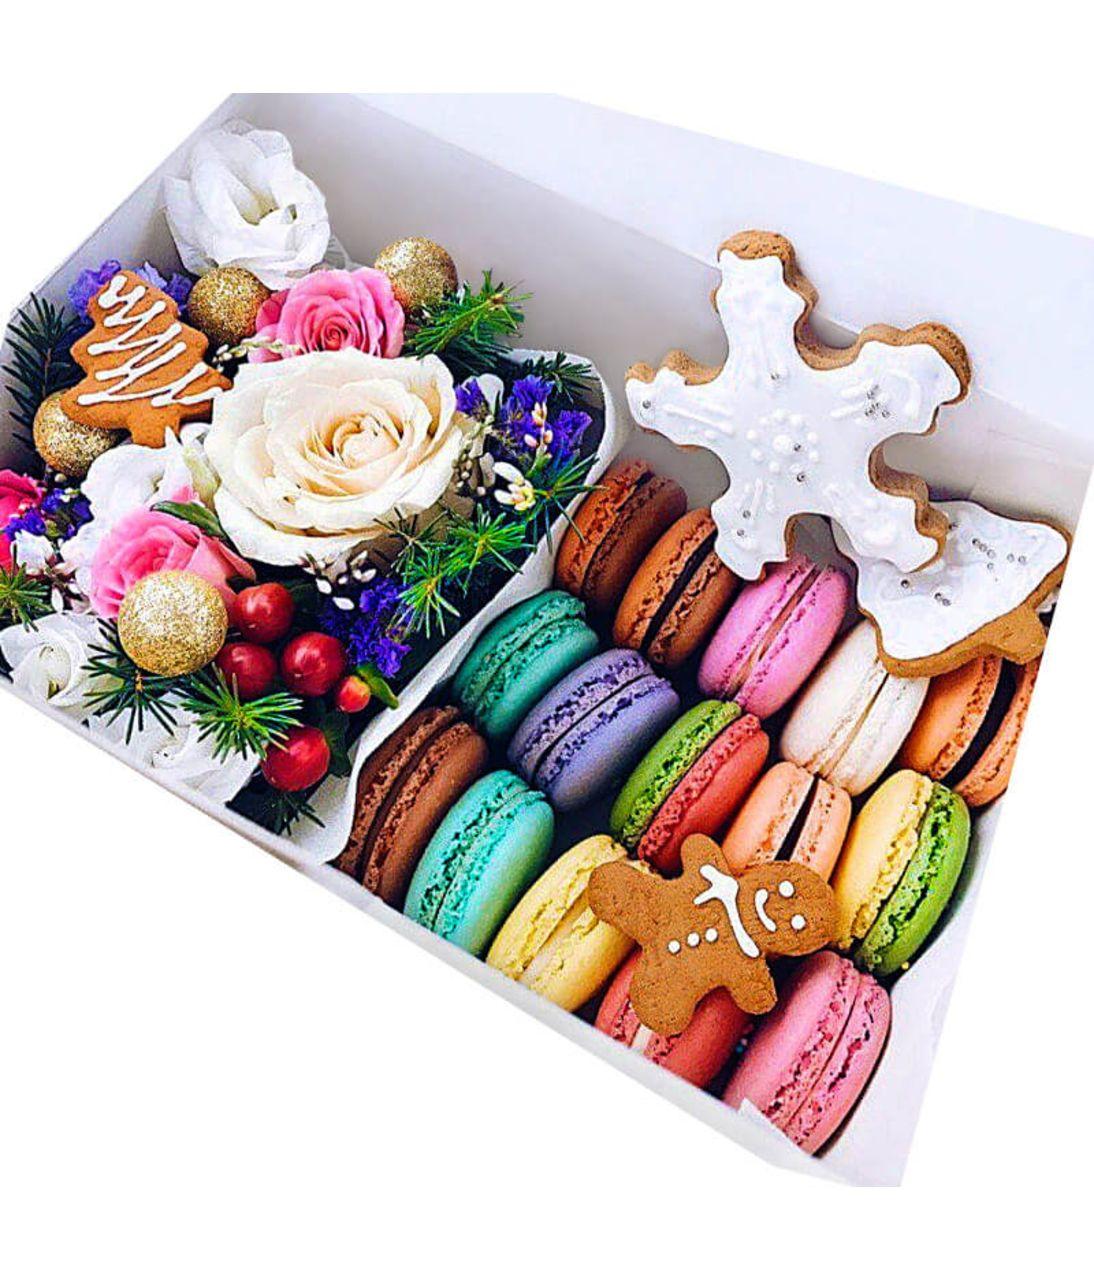 Новогодняя коробка с макарунами. superflowers.com.ua. Купить цветы в коробке с макарунами